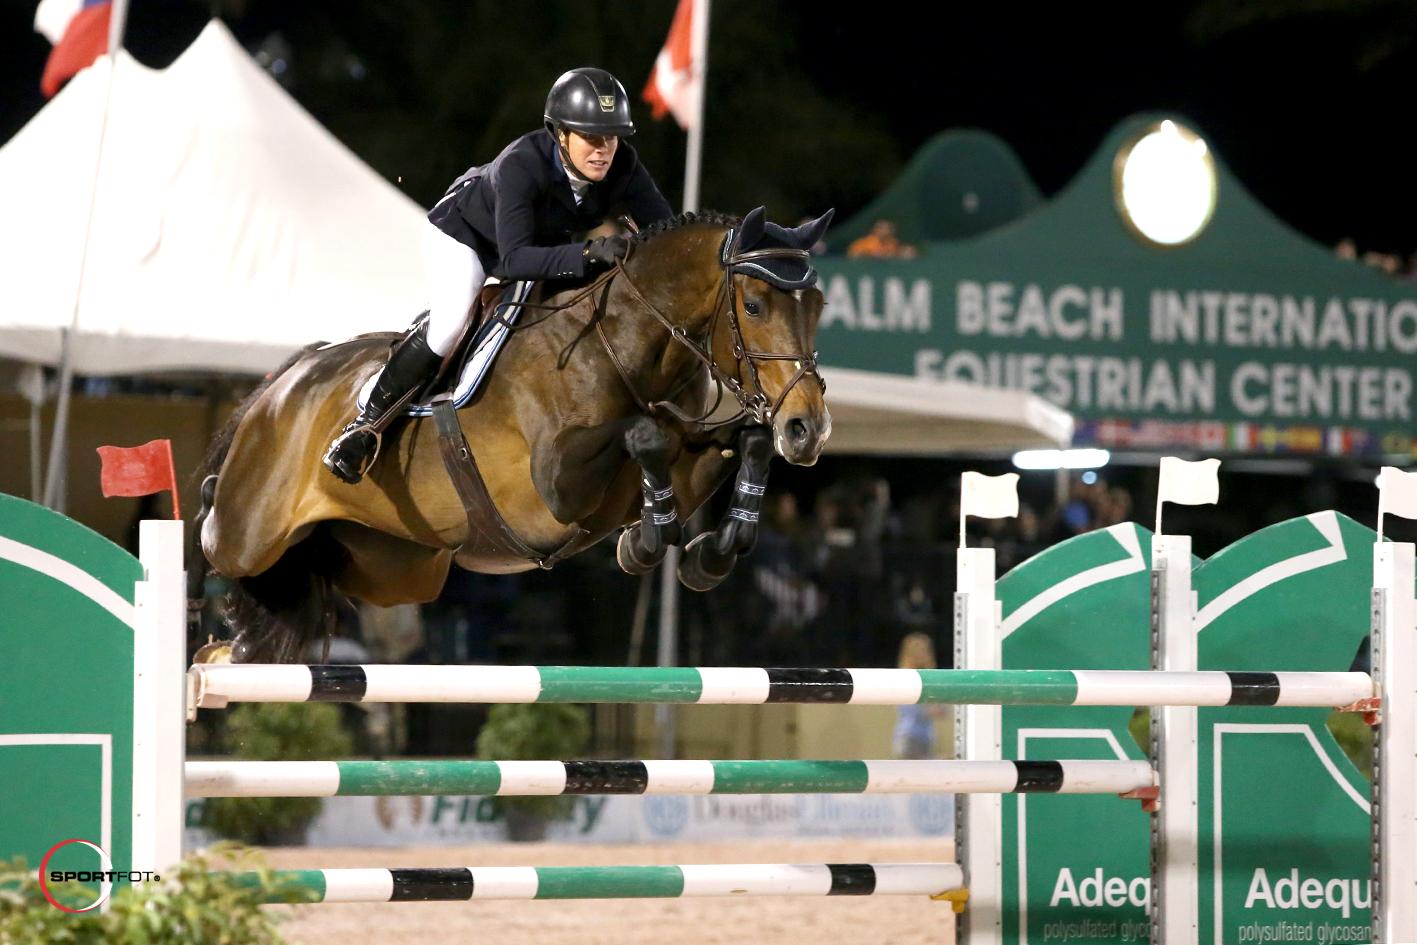 Amber Harte and Austria 2 324_6616 Sportfot